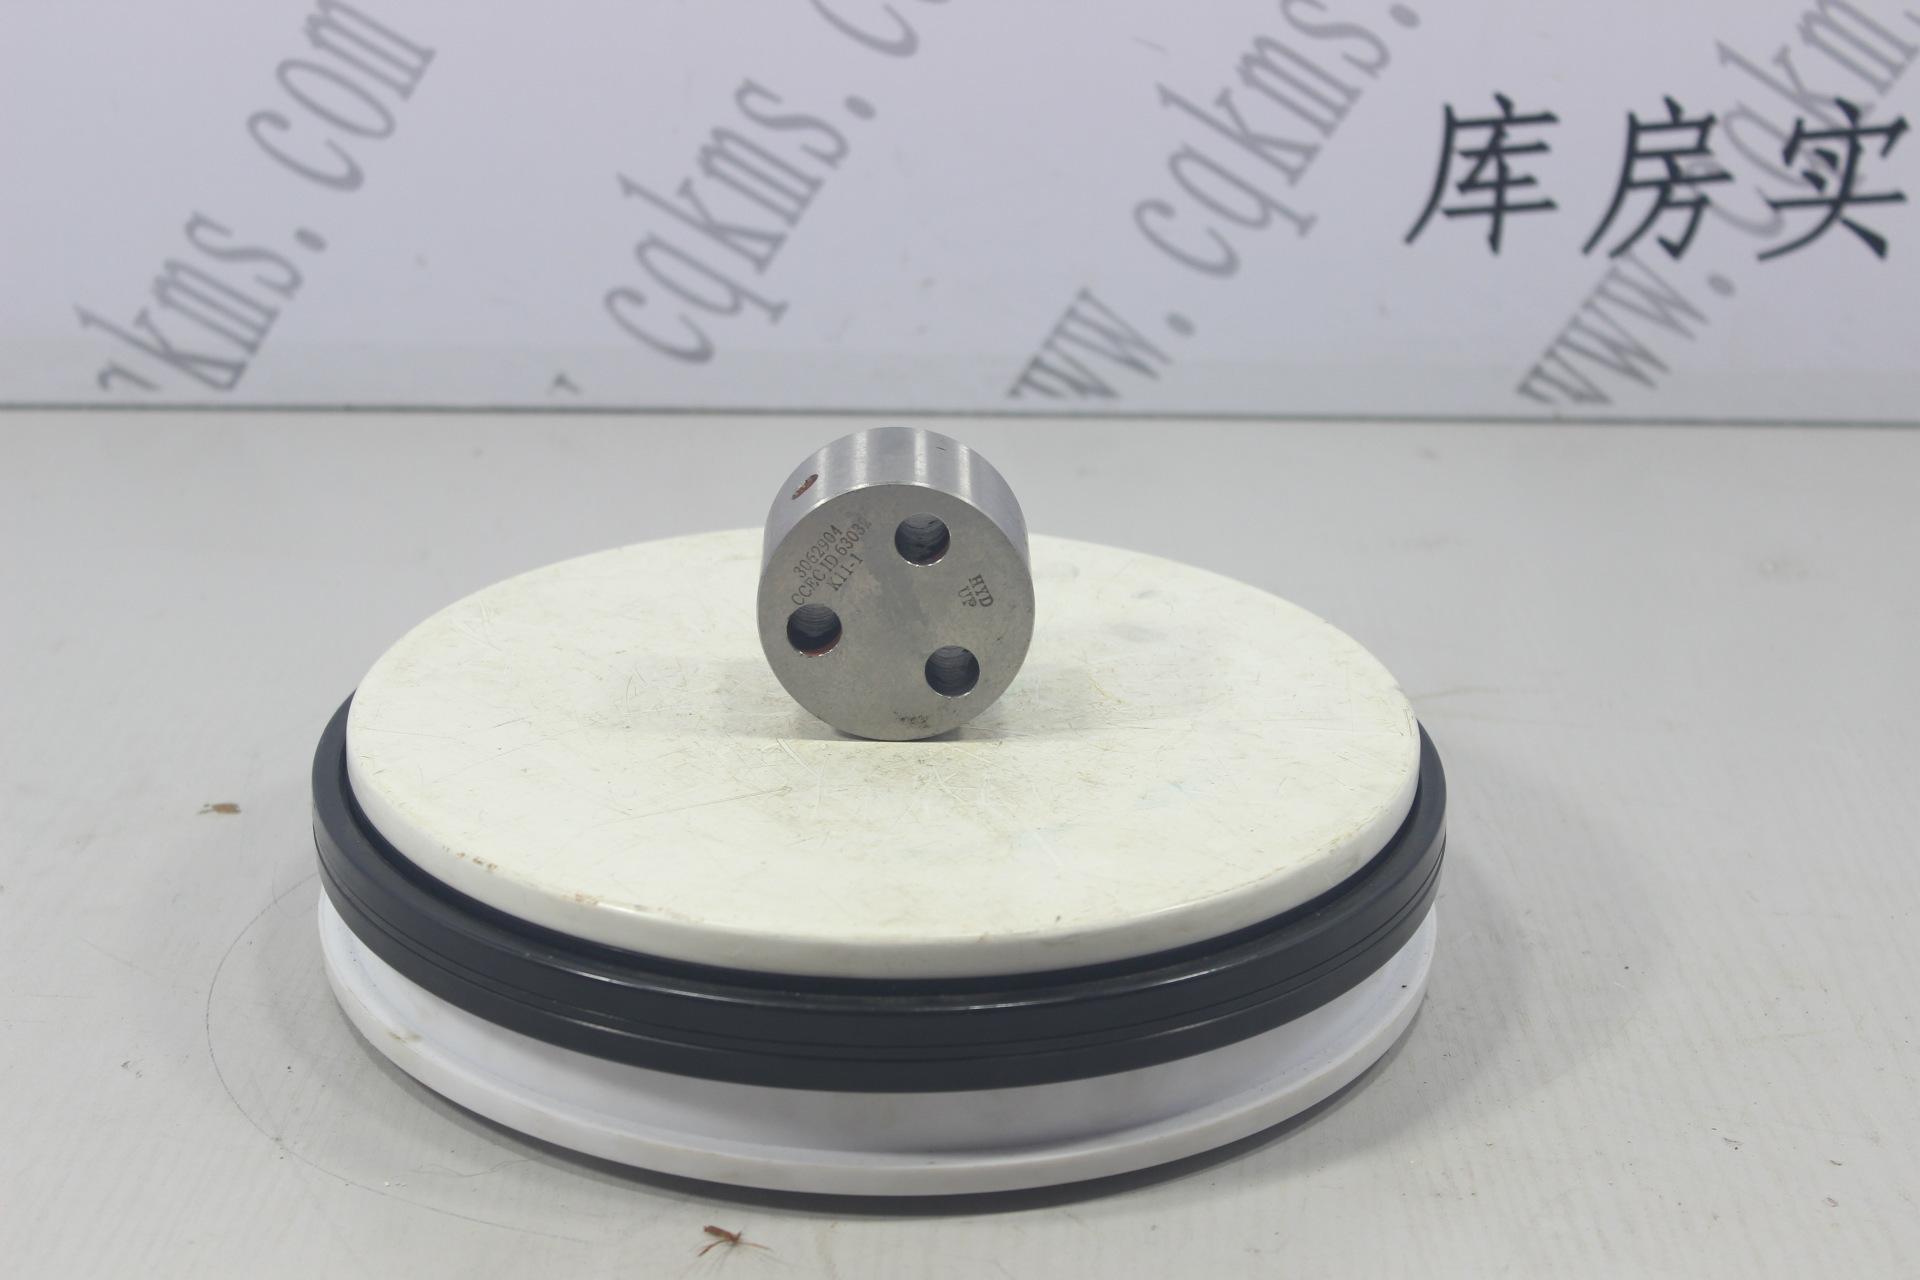 kms01329-3062904-齿轮轴----参考重量0.69KG(净重)-0.69KG(净重)图片5